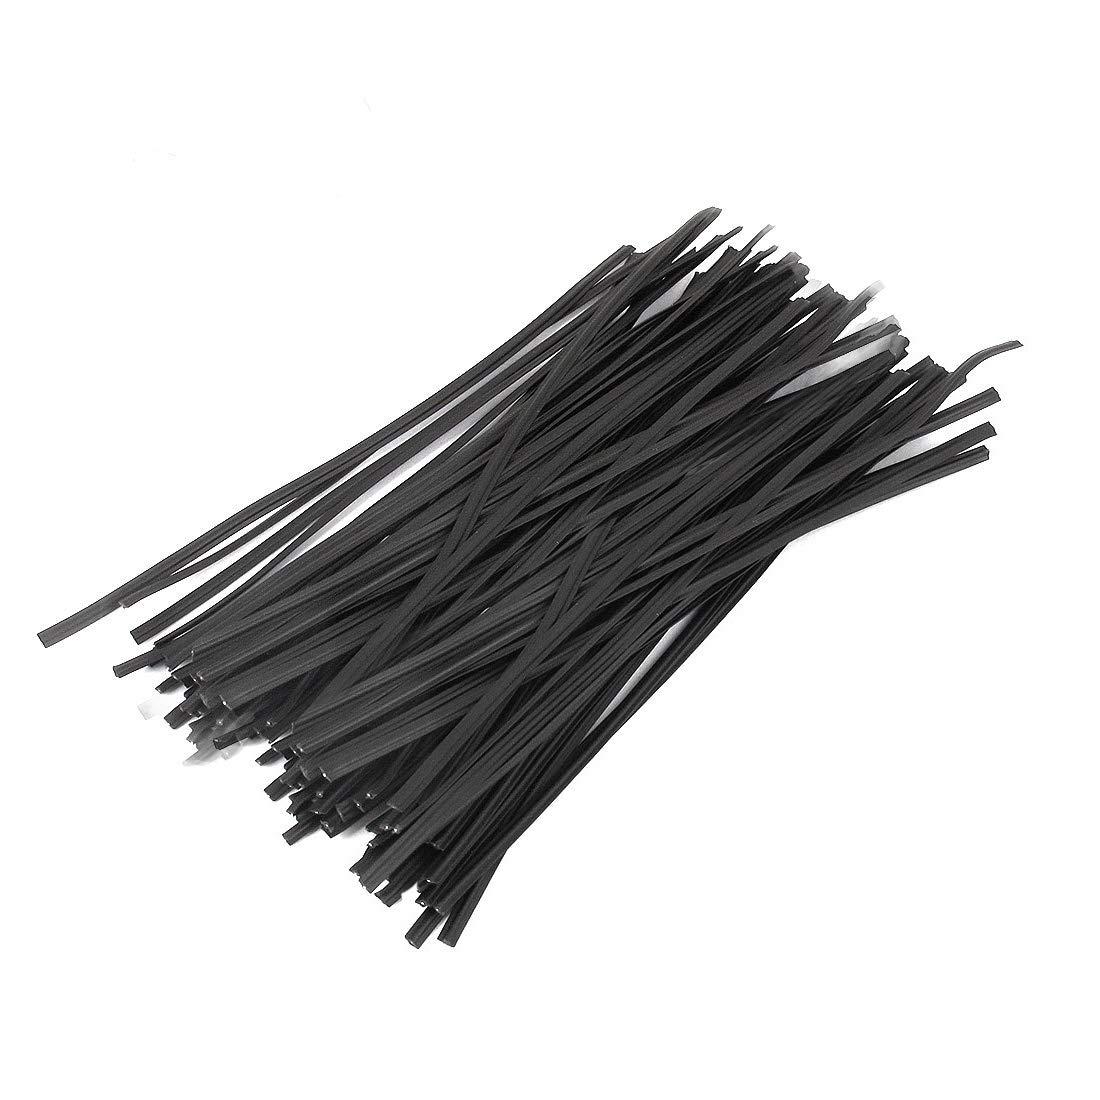 Tangser Plastic Black 6 Twist Ties Cable Ties Bag Ties 500 Pcs for Bags Gardening or Christmas Tree 15cm 6in